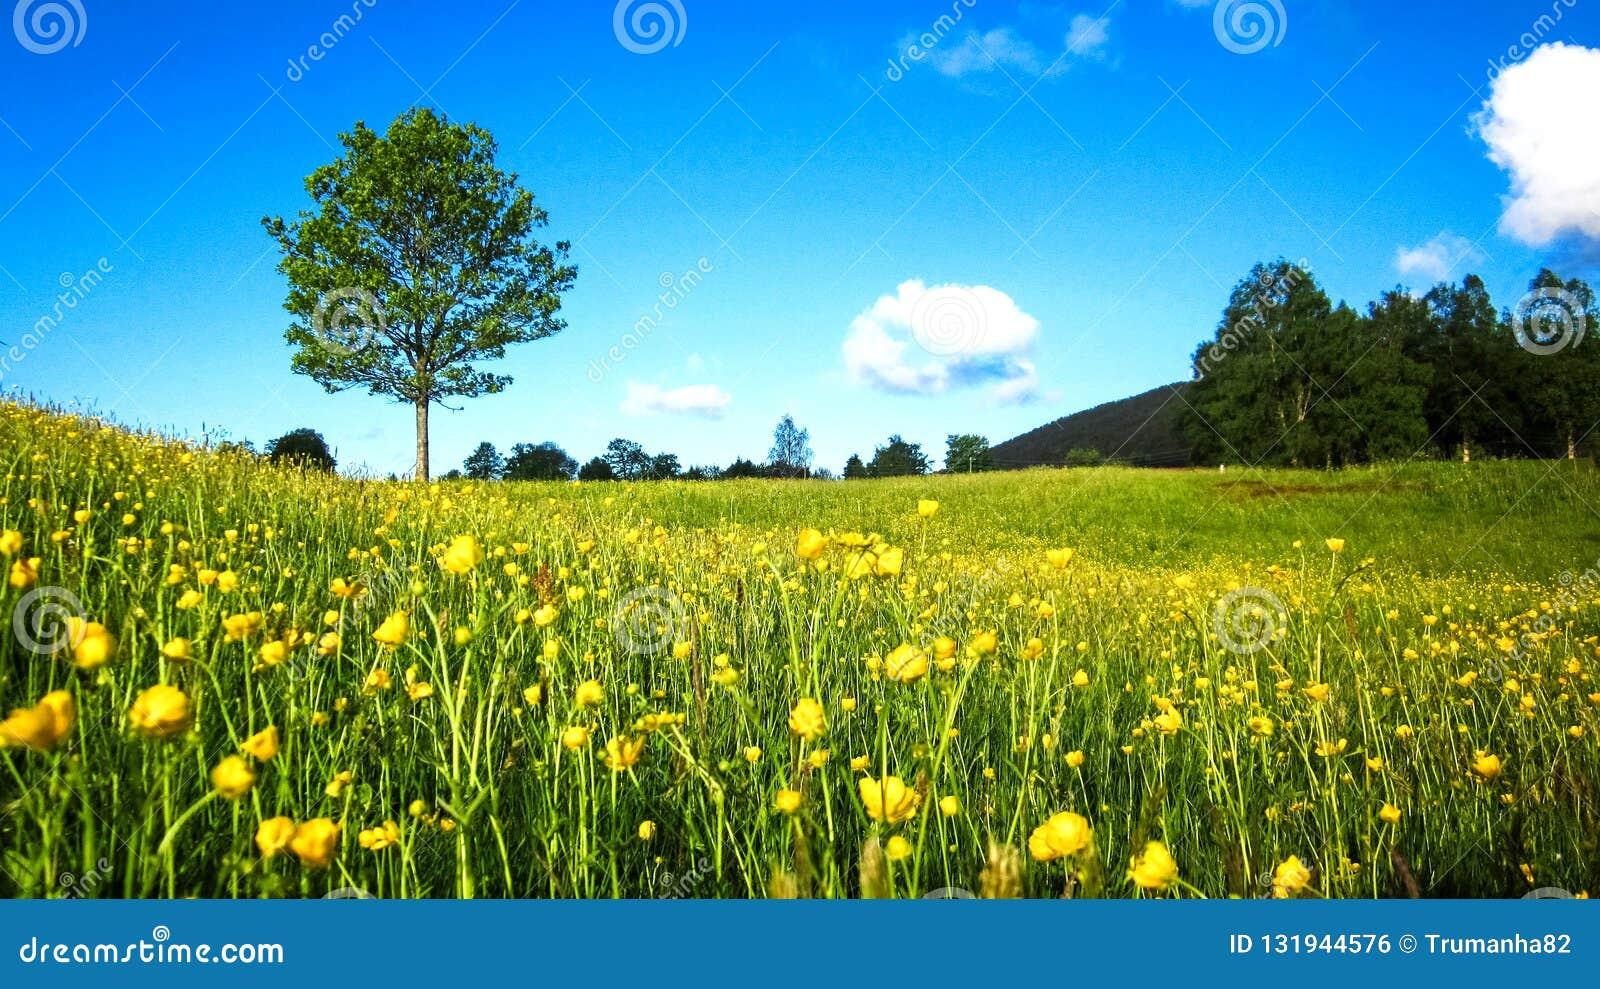 Ландшафт весны природы с полем диких желтых лютиков, уединенного дерева и разбросанных белых облаков в голубом небе